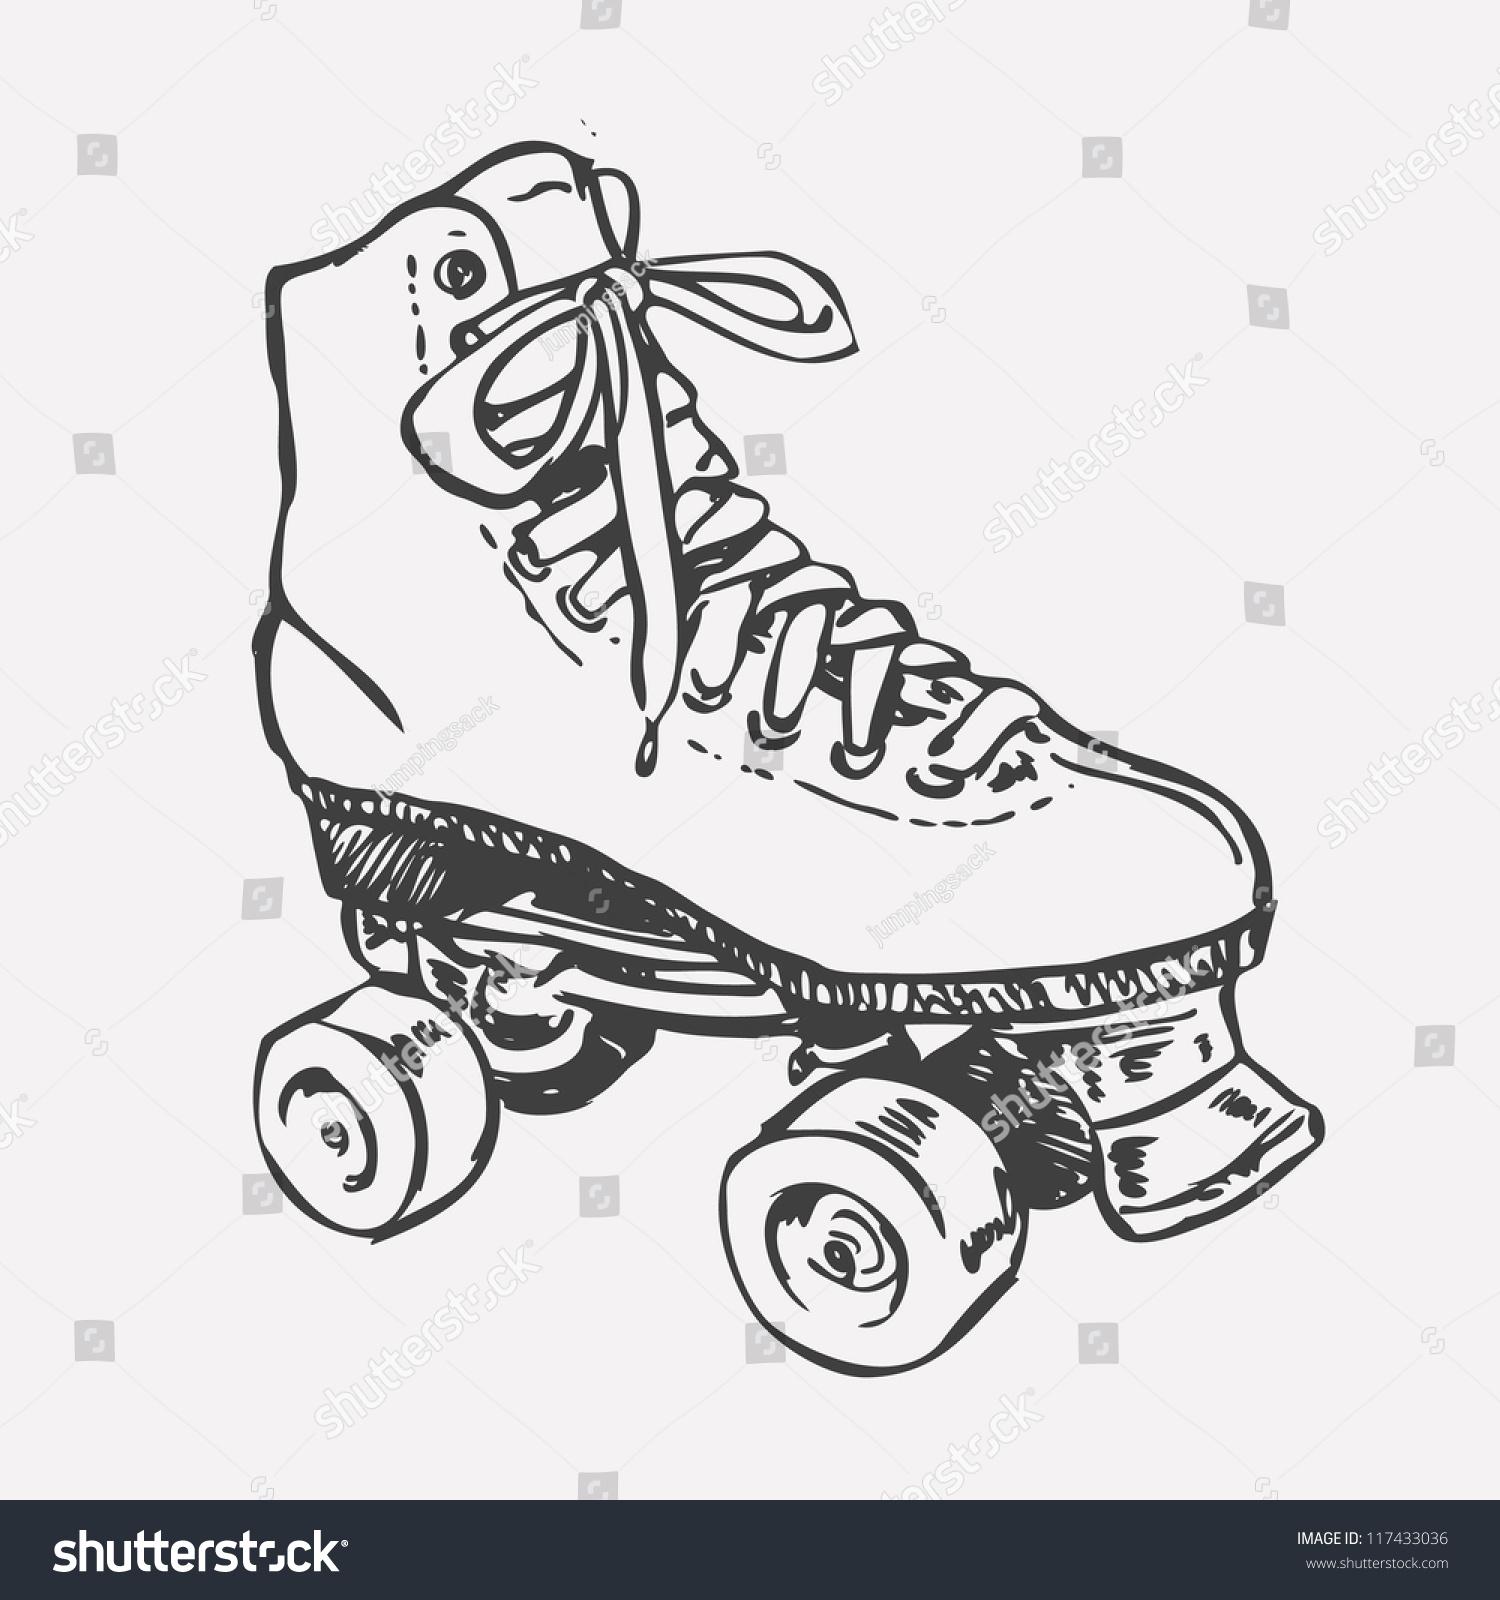 """Résultat de recherche d'images pour """"roller skate drawing"""""""